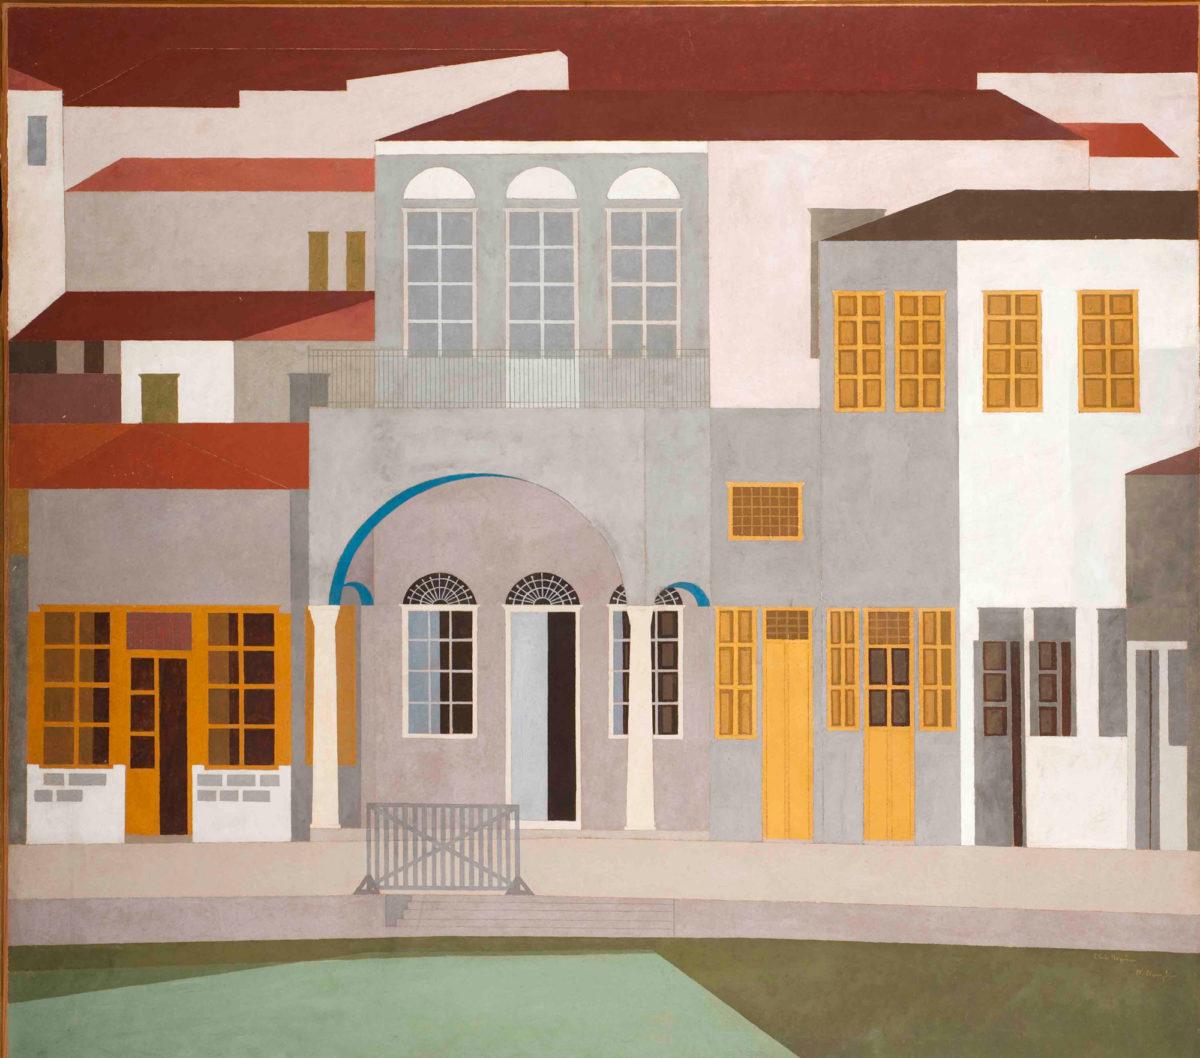 Νίκος Νικολάου, «Ύδρα», 1953. Πλαστικό σε νοβοπάν 170x190 εκ. Εθνική Πινακοθήκη – Μουσείο Αλεξάνδρου Σούτσου.